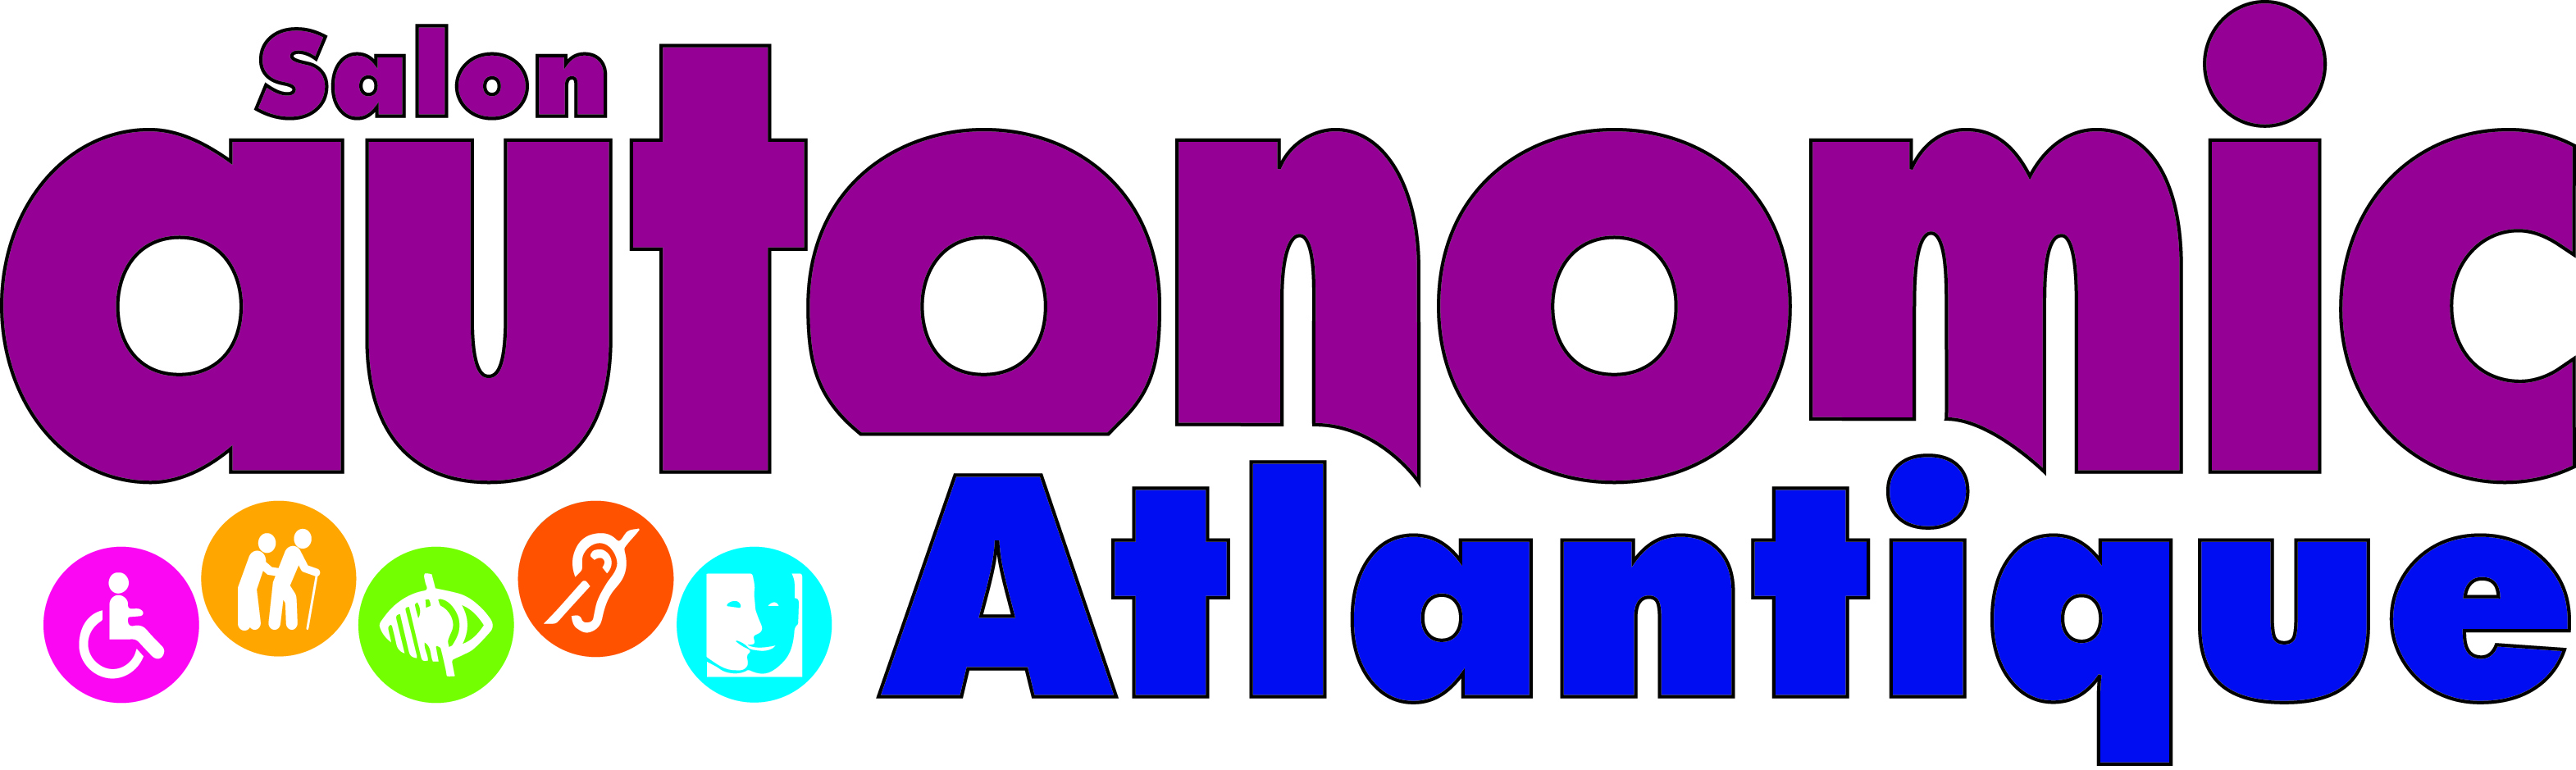 Services la personne handicap bordeaux handicap talence for Salon autonomic